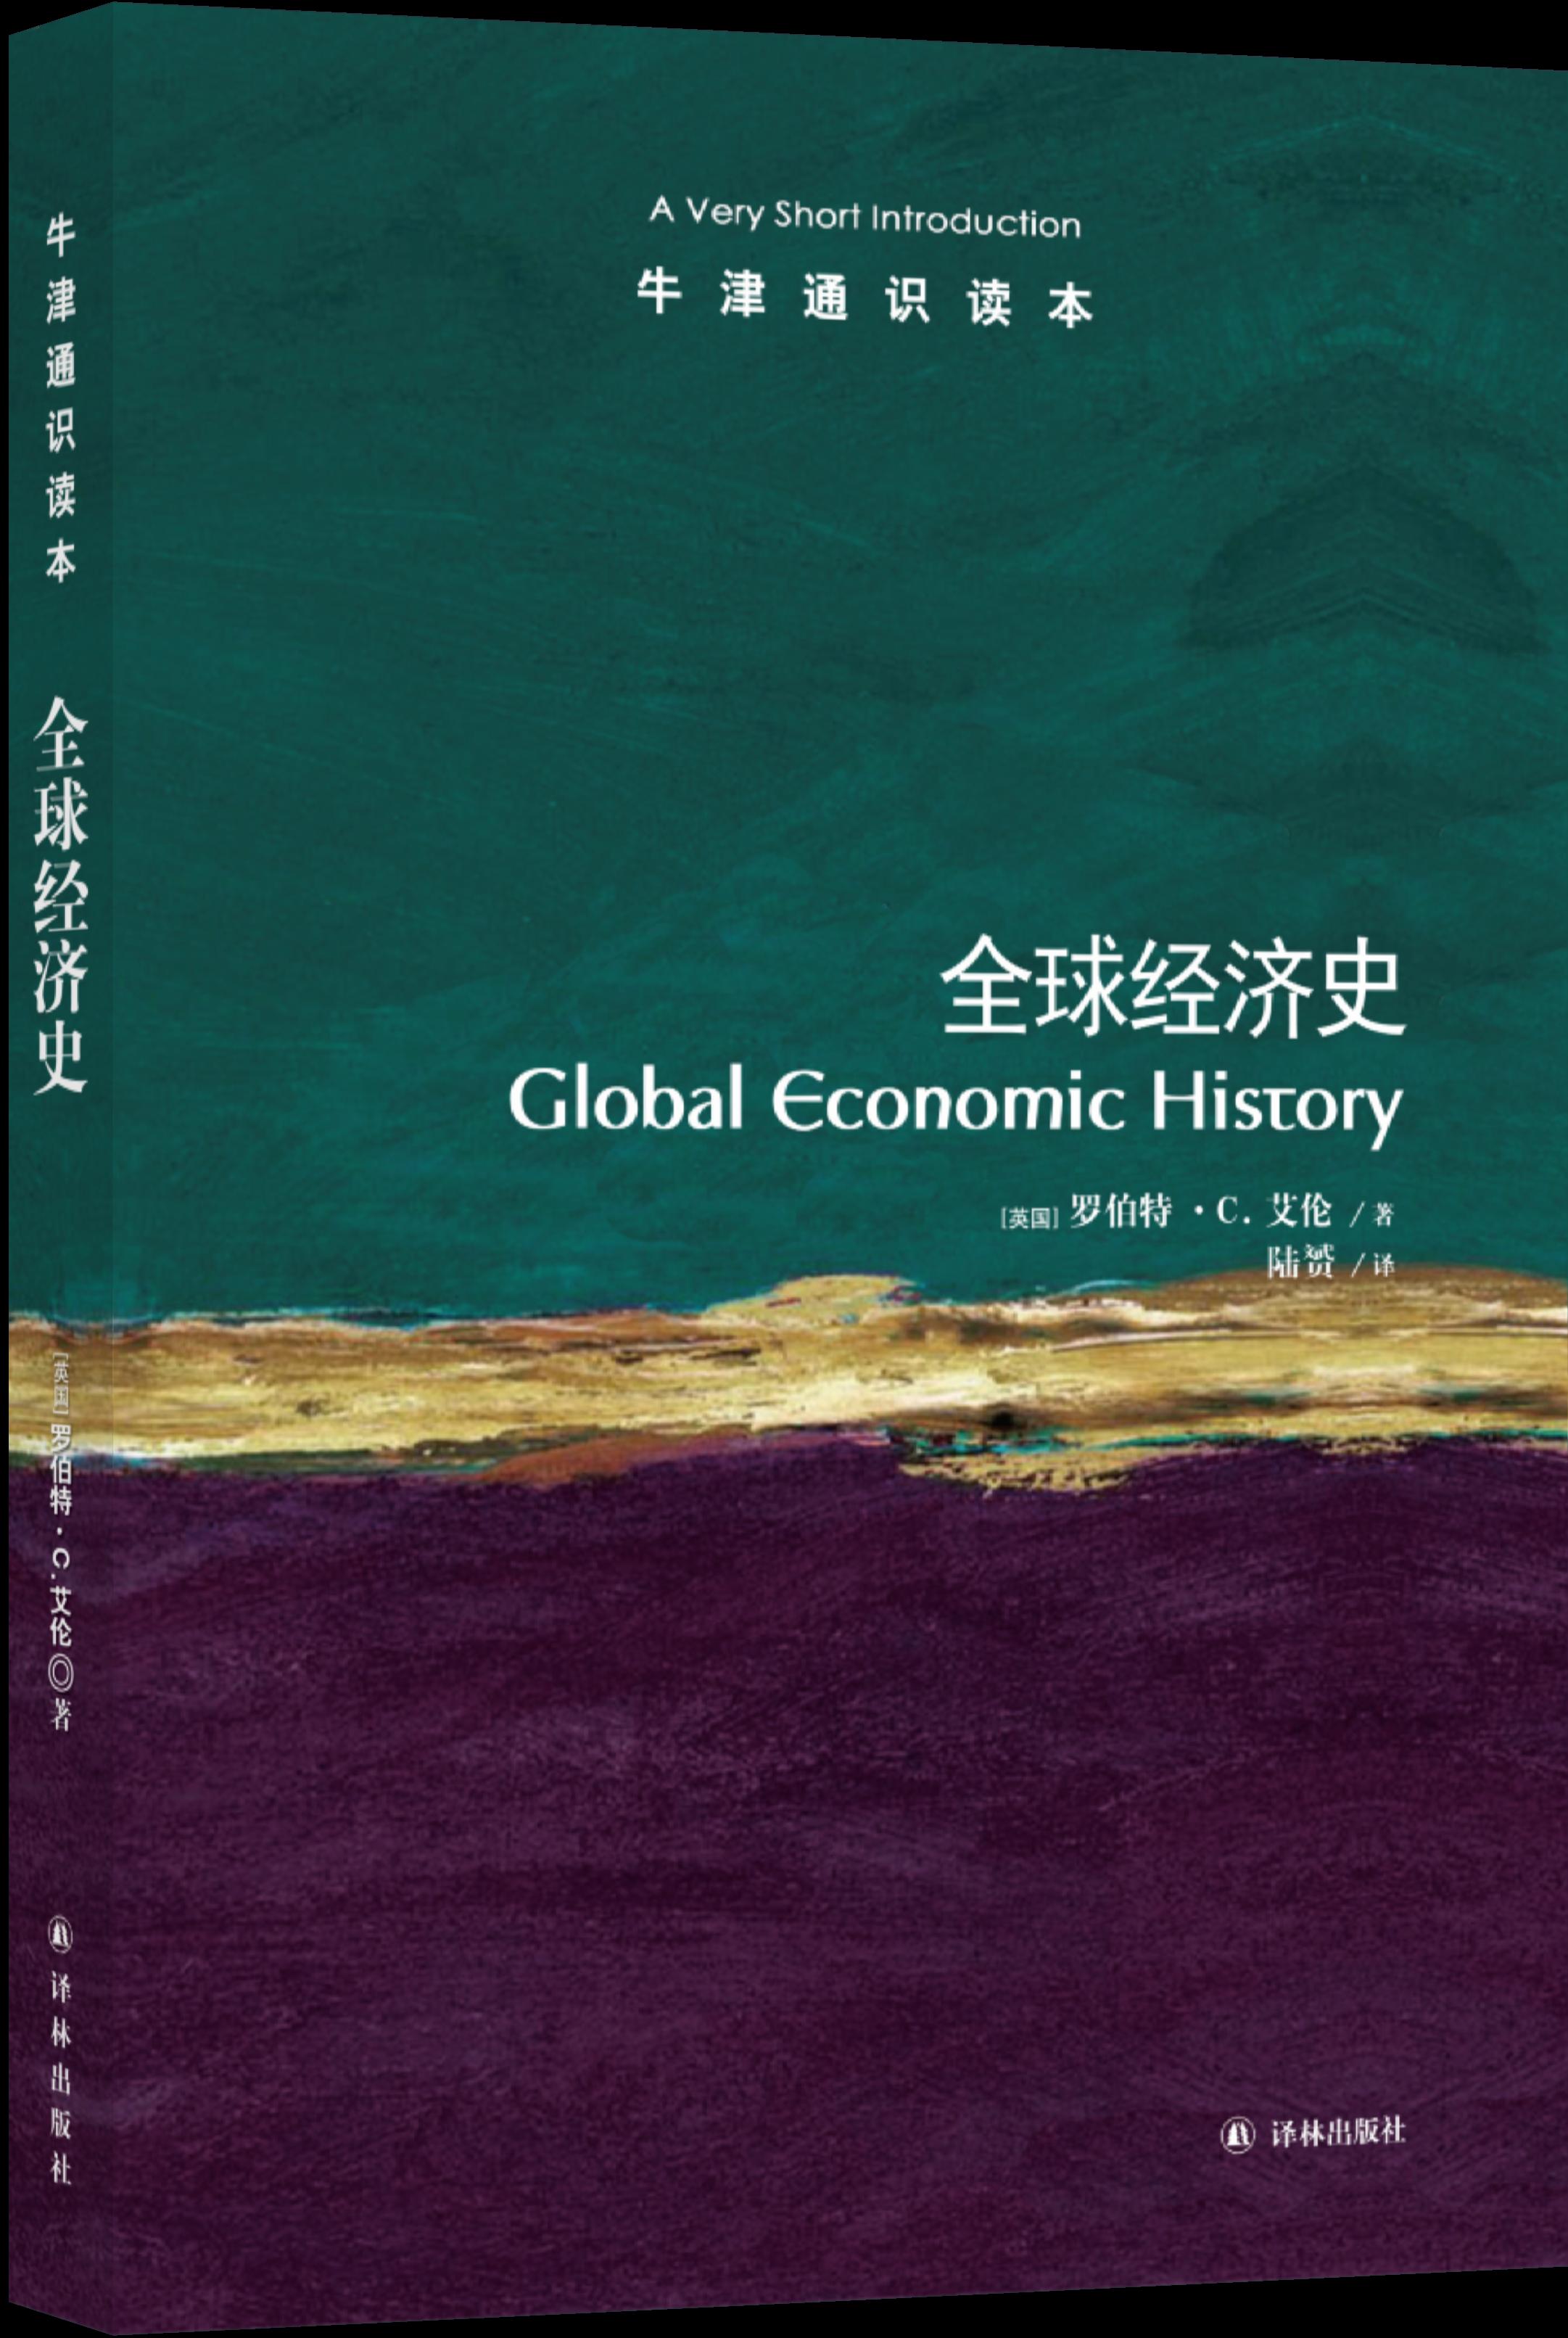 《全球经济史》,罗伯特 ·C. 艾伦 著,陆赟 译,译林出版社2015版